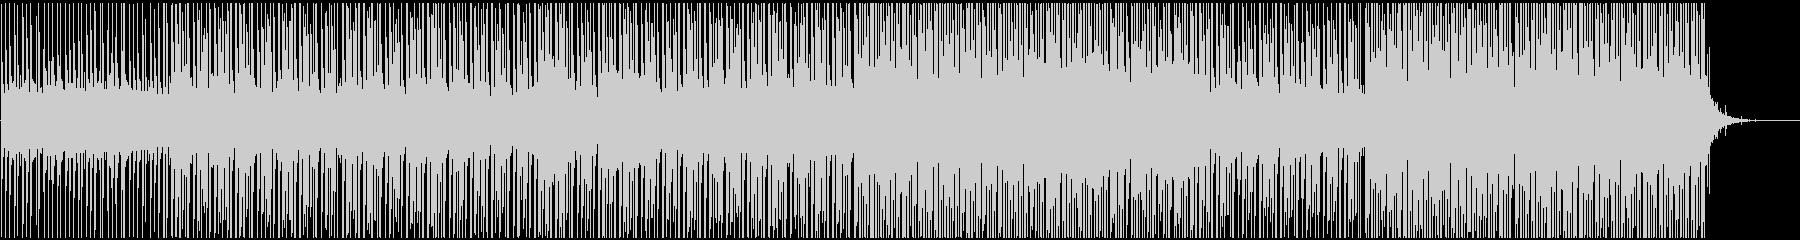 サイエンス系映像と合うの未再生の波形